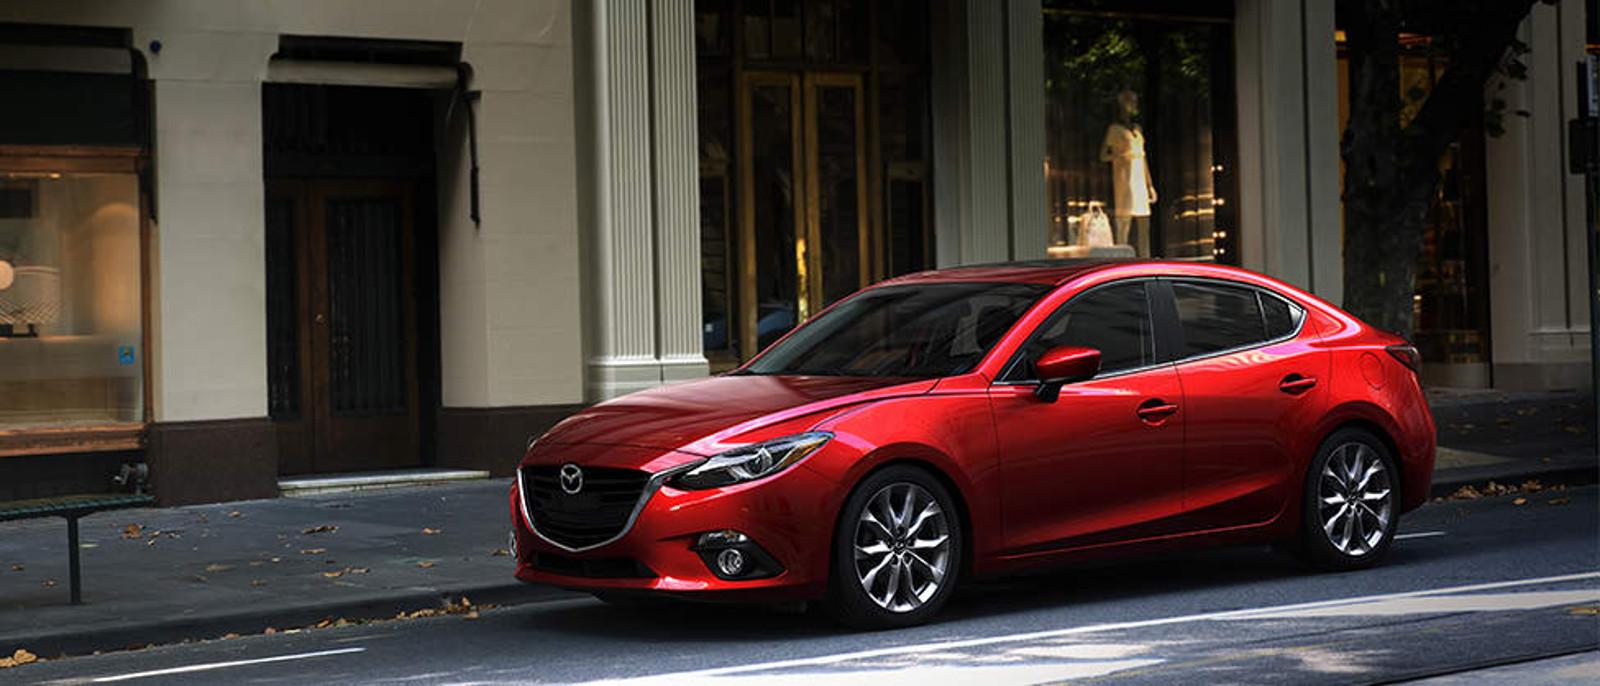 2015 Mazda3 parked